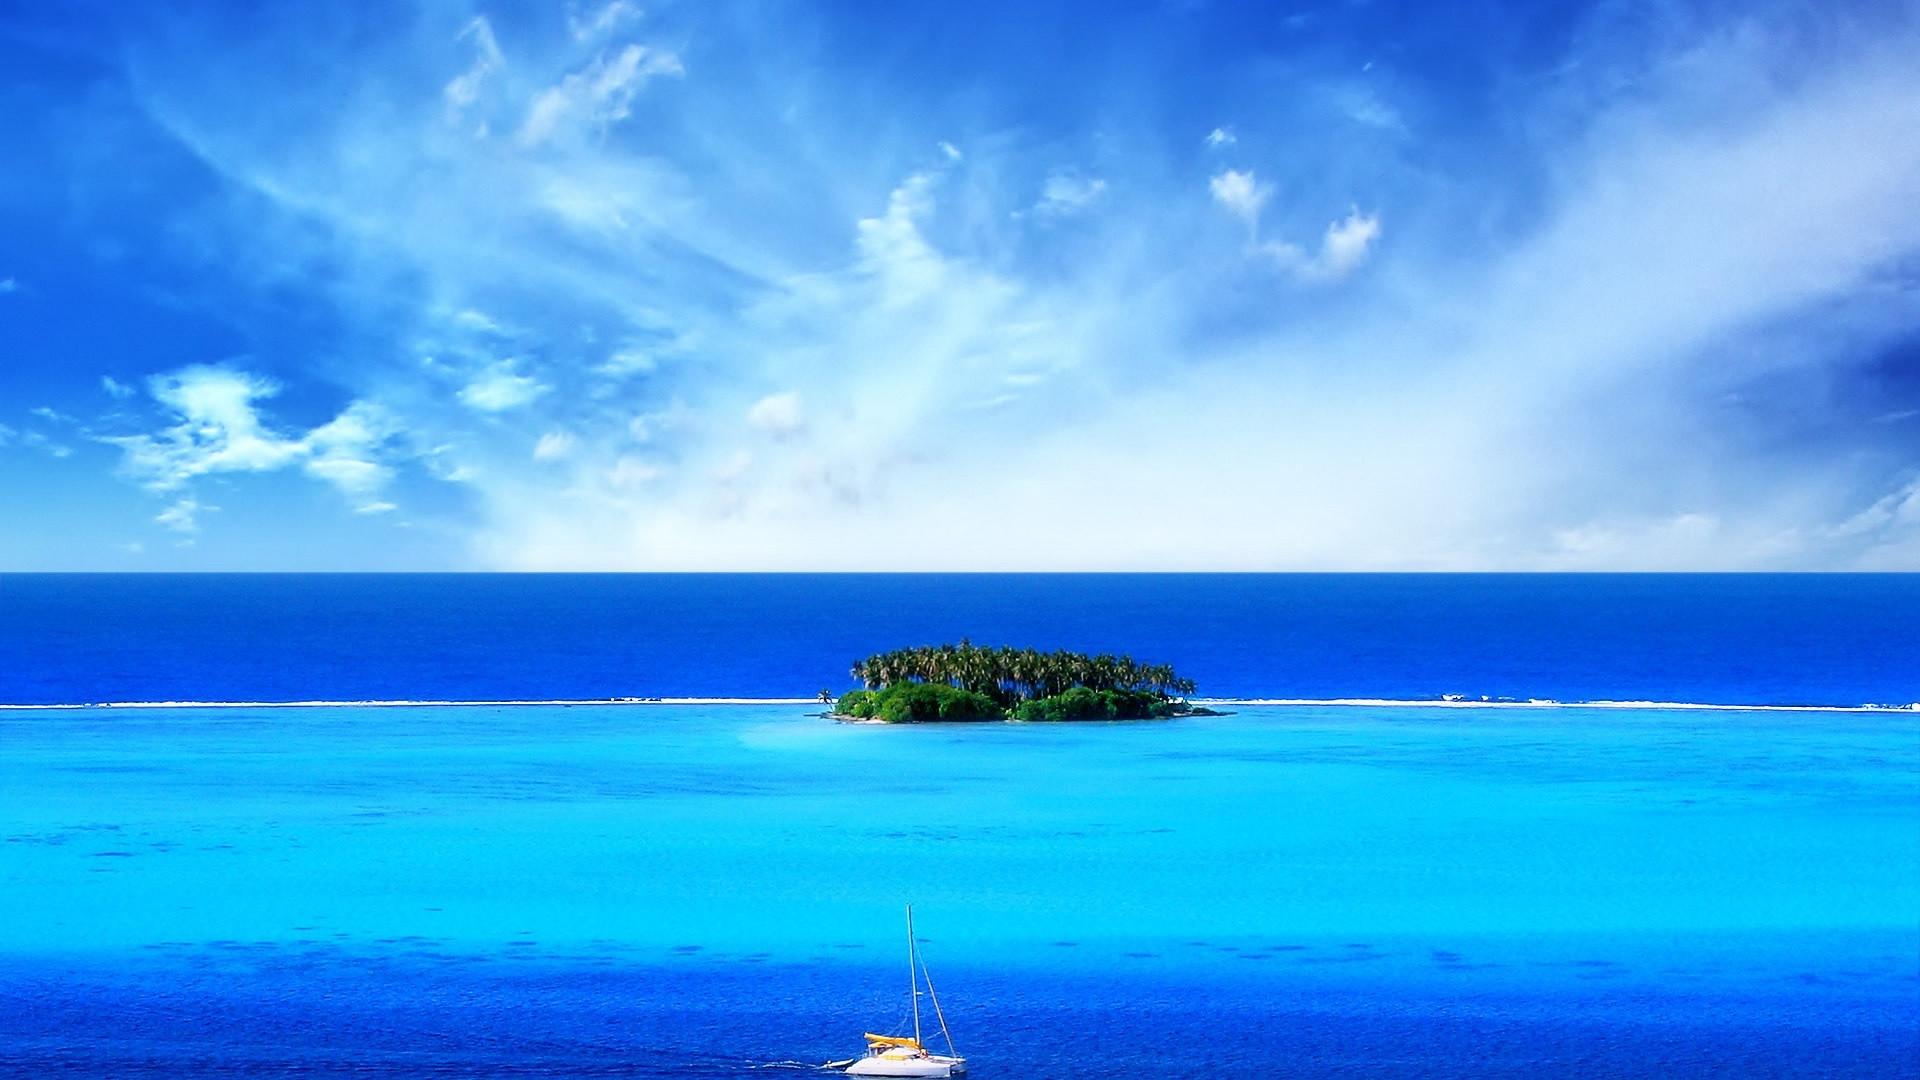 Best 42 Background Summer HD on HipWallpaper HD Wallpapers 3D 1920x1080